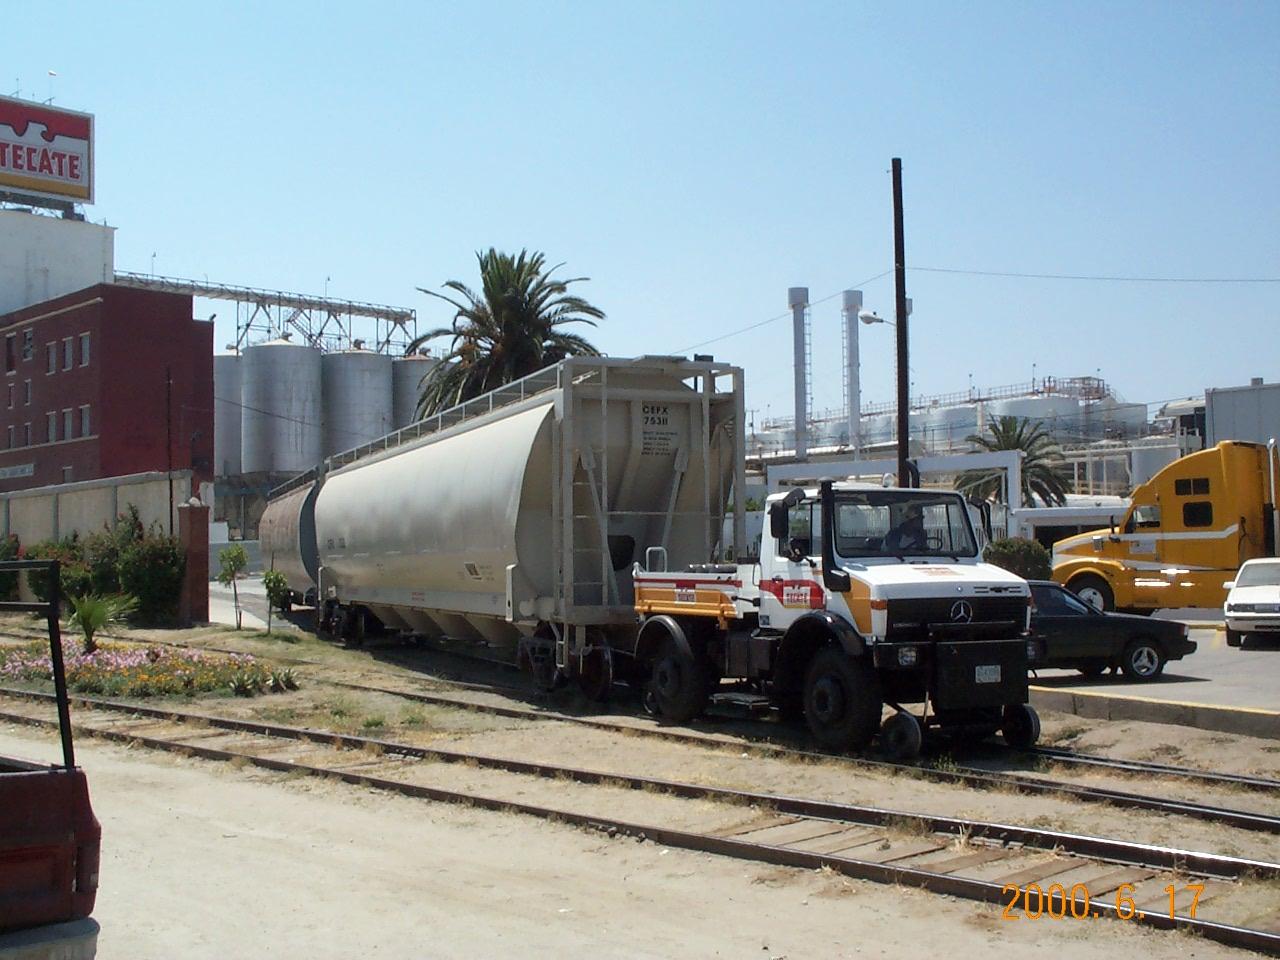 T Amp T Railway